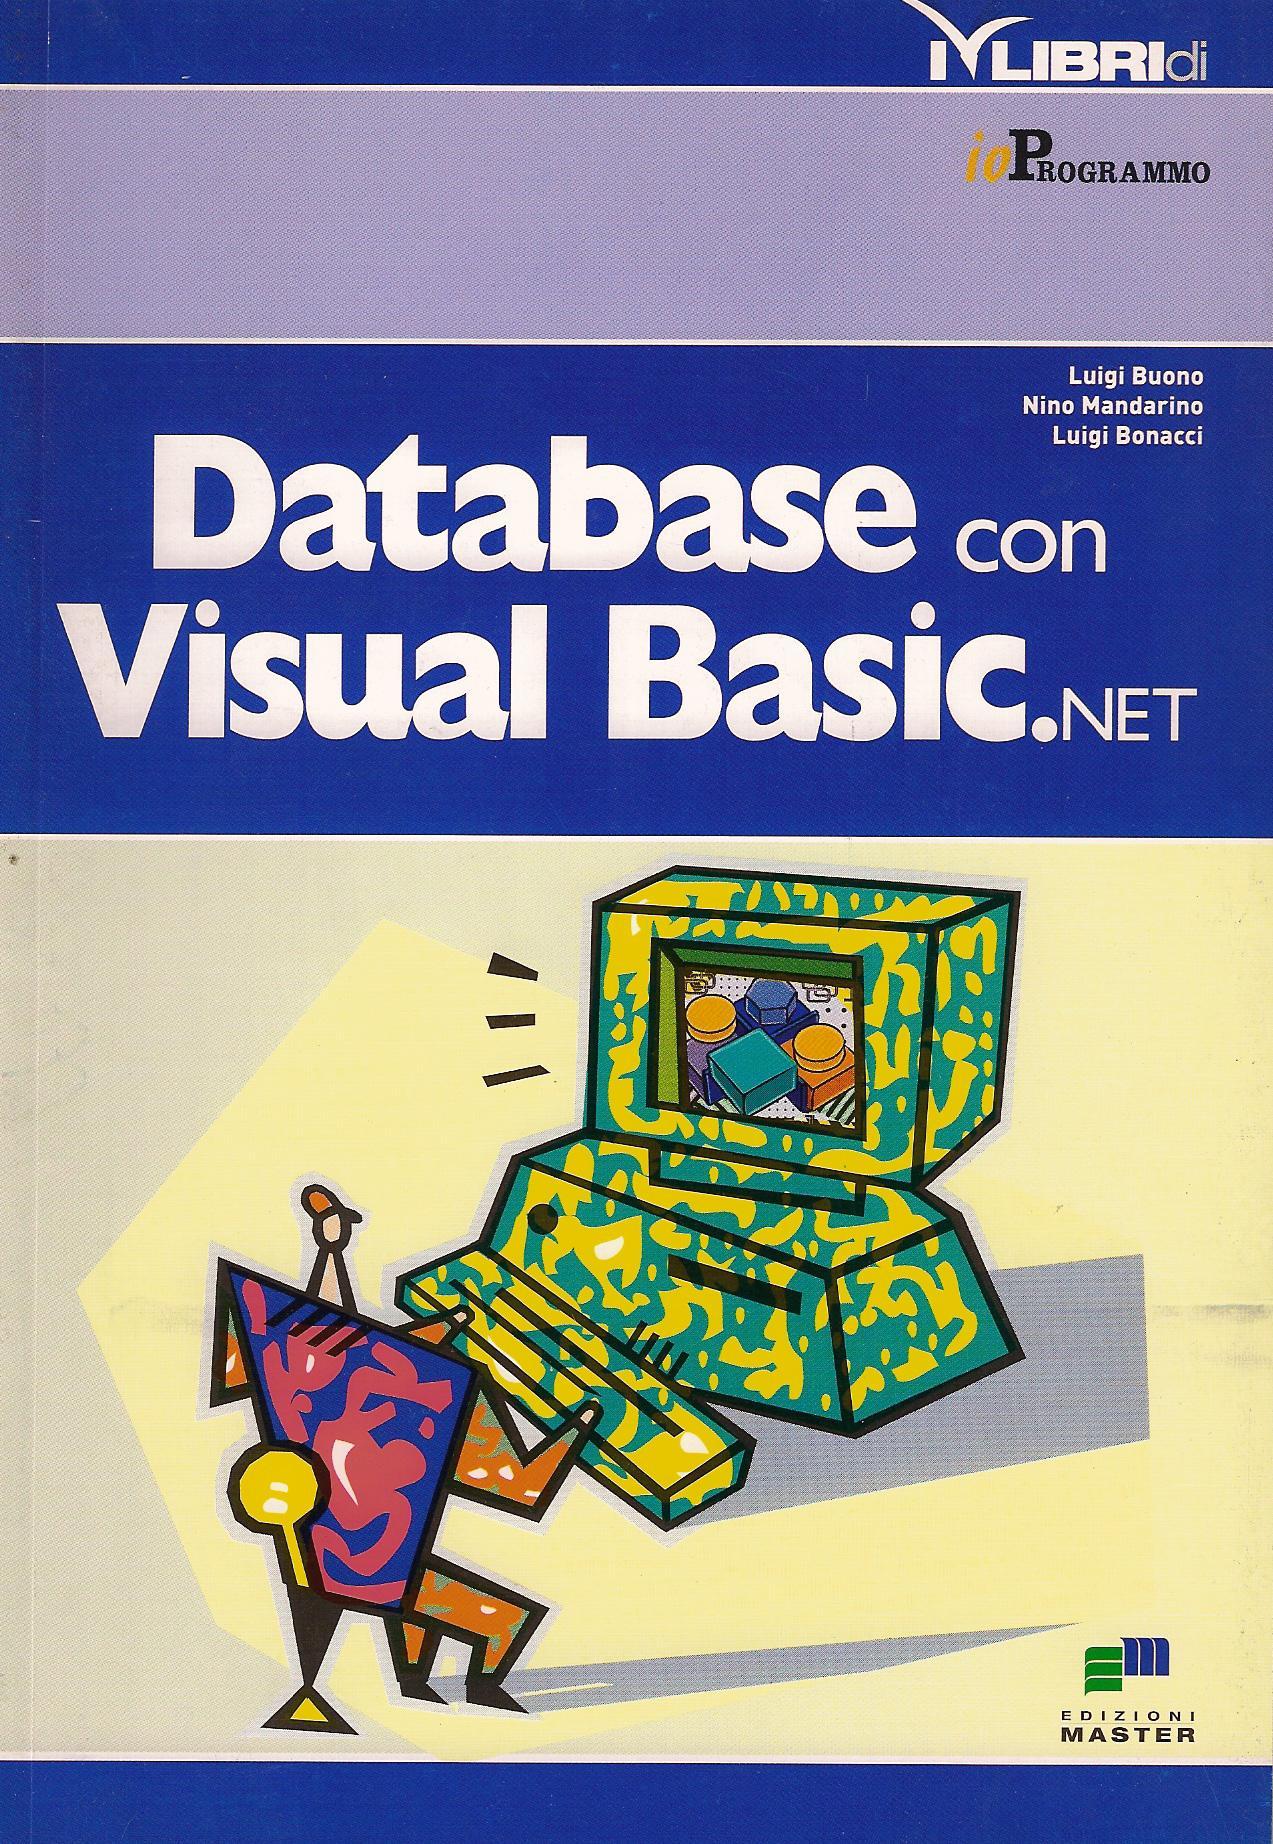 Database con Visual Basic